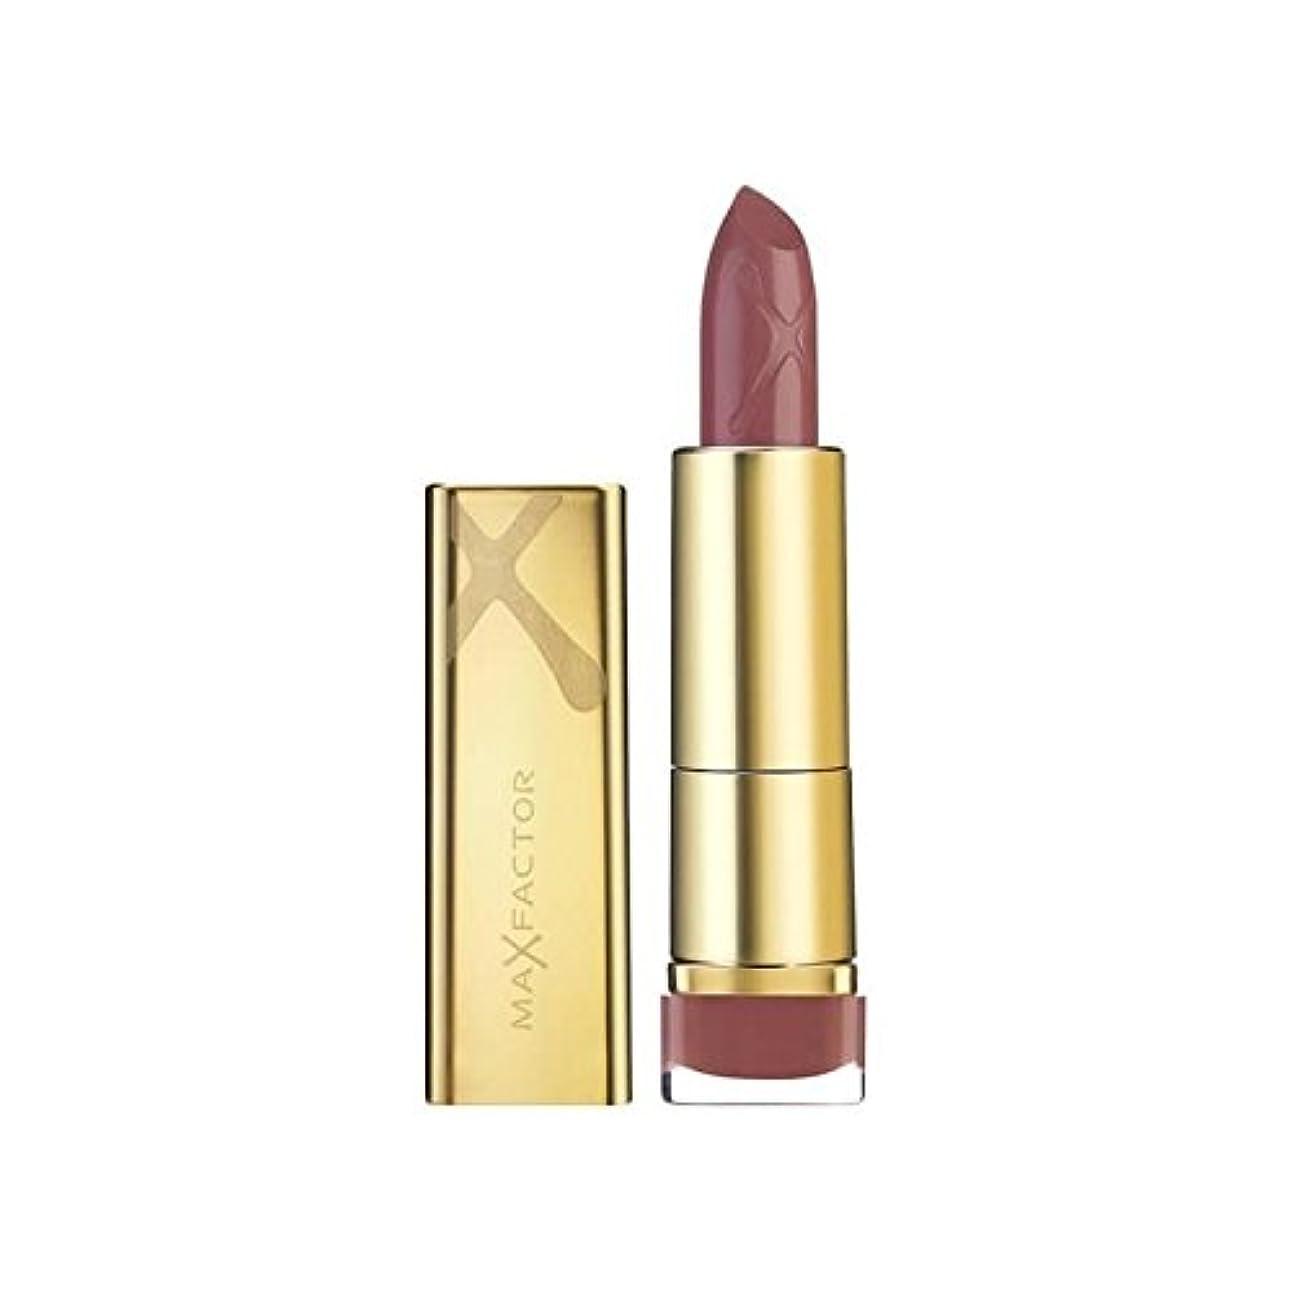 ワゴンカビメッシュマックスファクターカラーエリクシルの口紅ローズウッド833 x2 - Max Factor Colour Elixir Lipstick Rosewood 833 (Pack of 2) [並行輸入品]